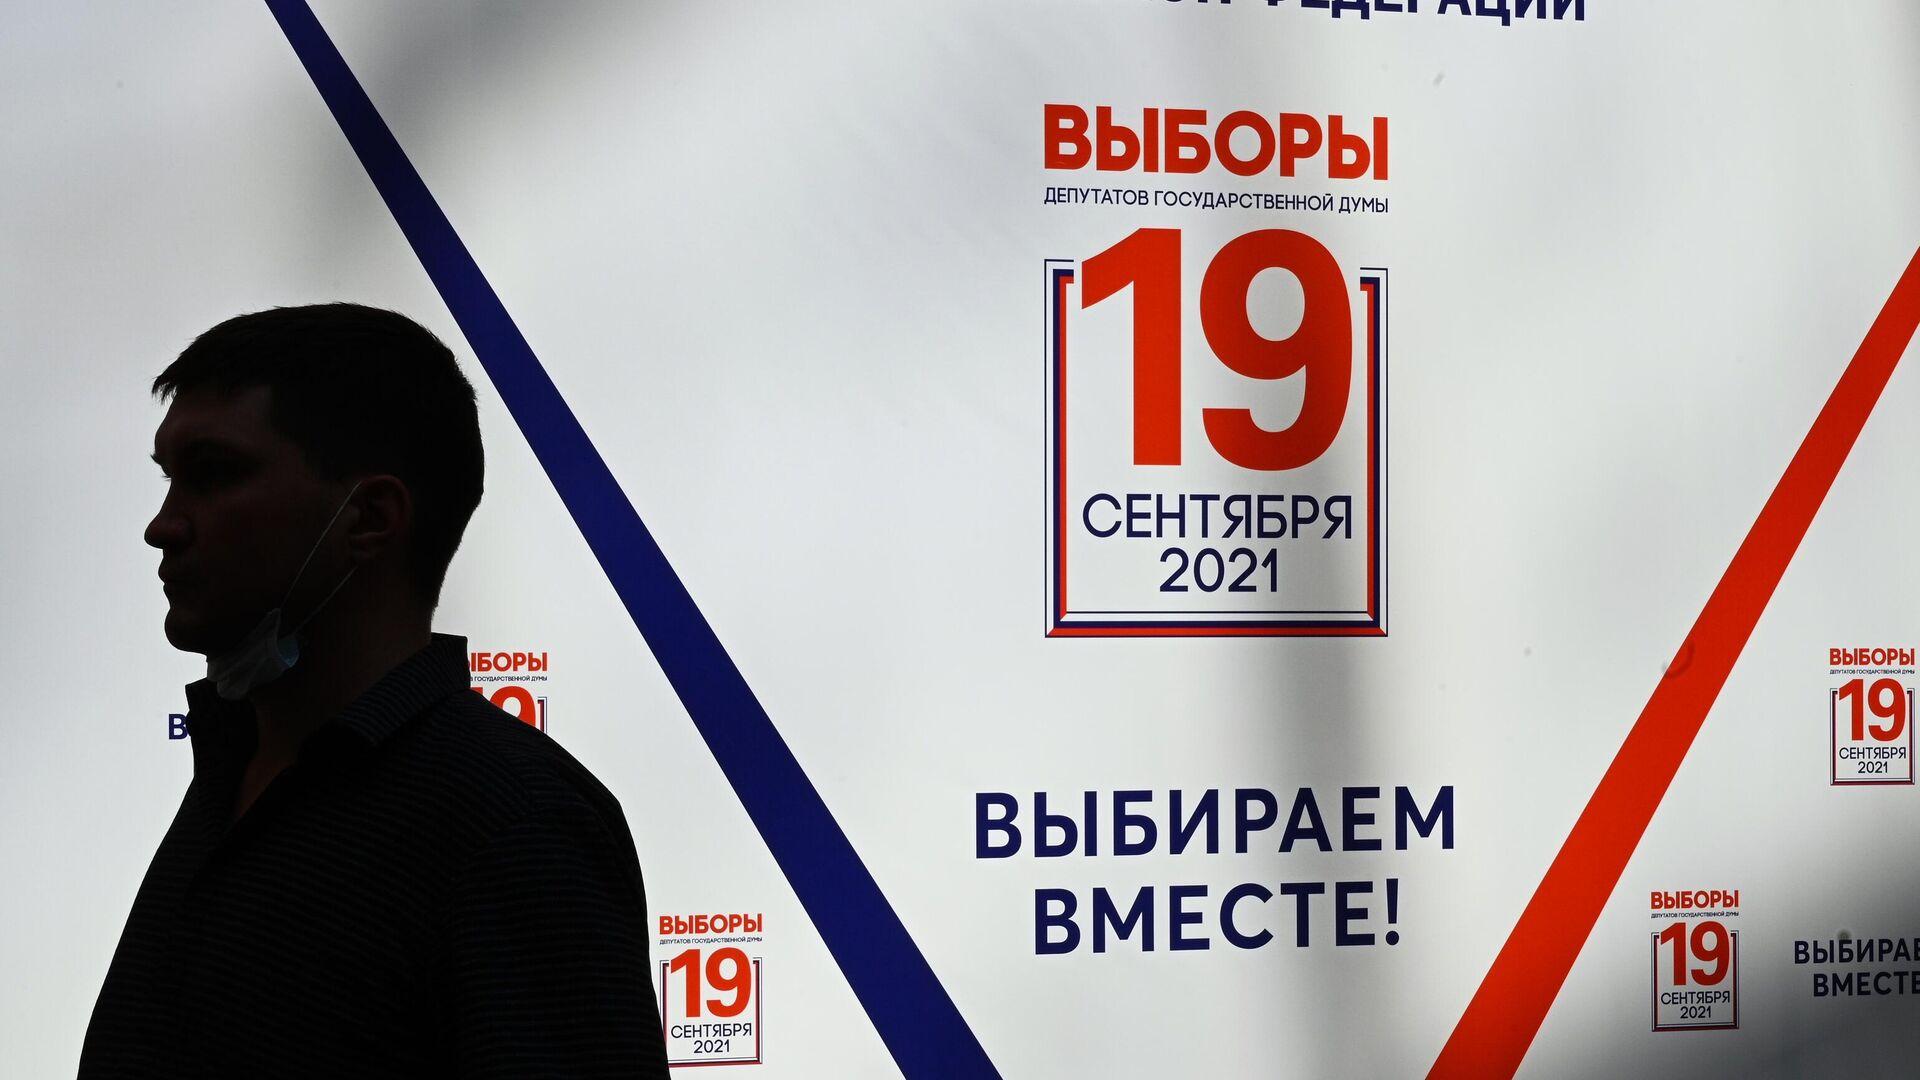 Вступил в силу запрет на публикацию данных об итогах голосования на выборах